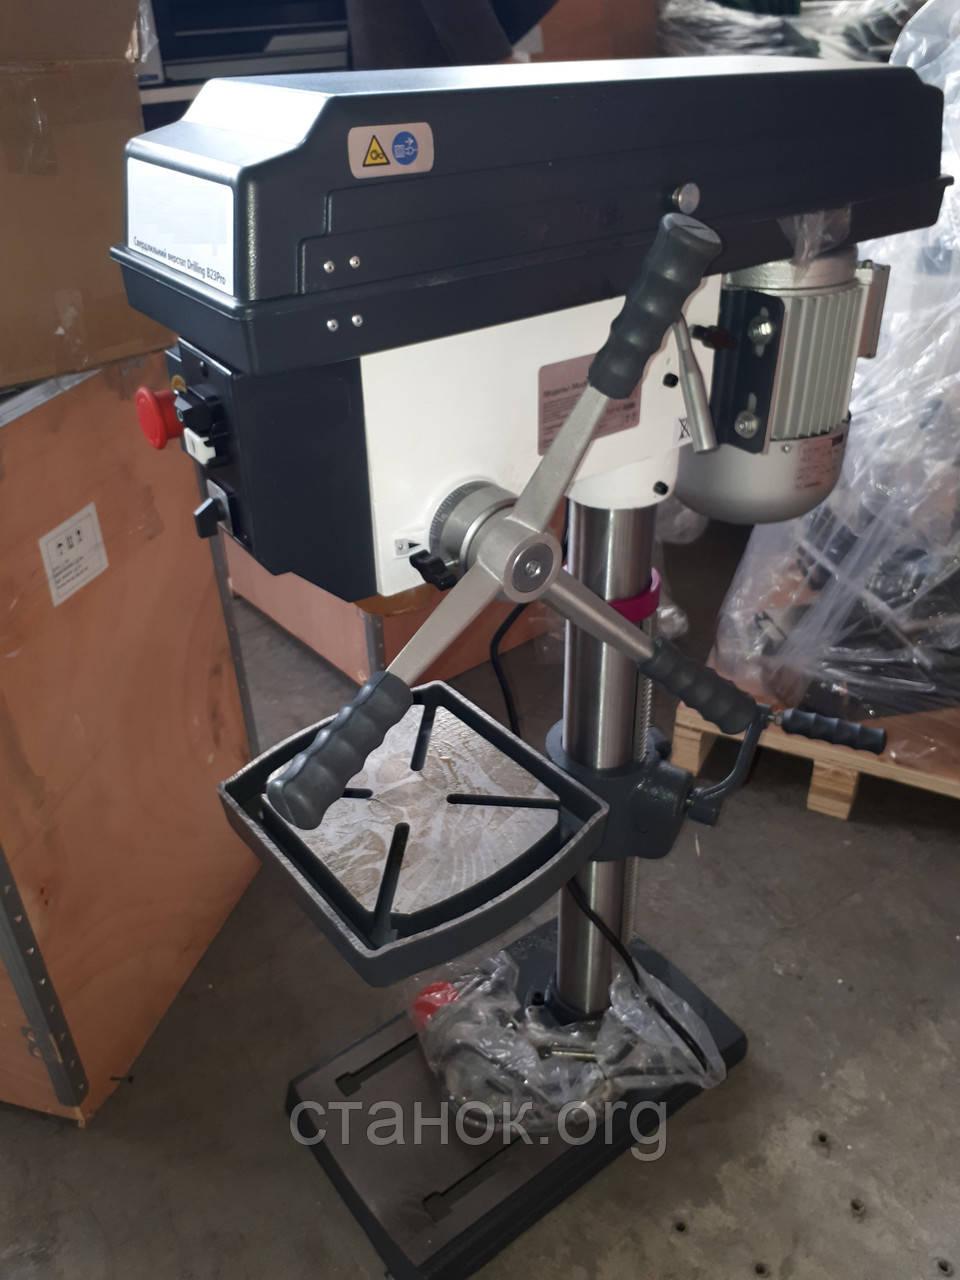 OPTIdrill B 23 PRO cверлильный станок по металлу свердлильний верстат оптимум дрил б 23 про Optimum